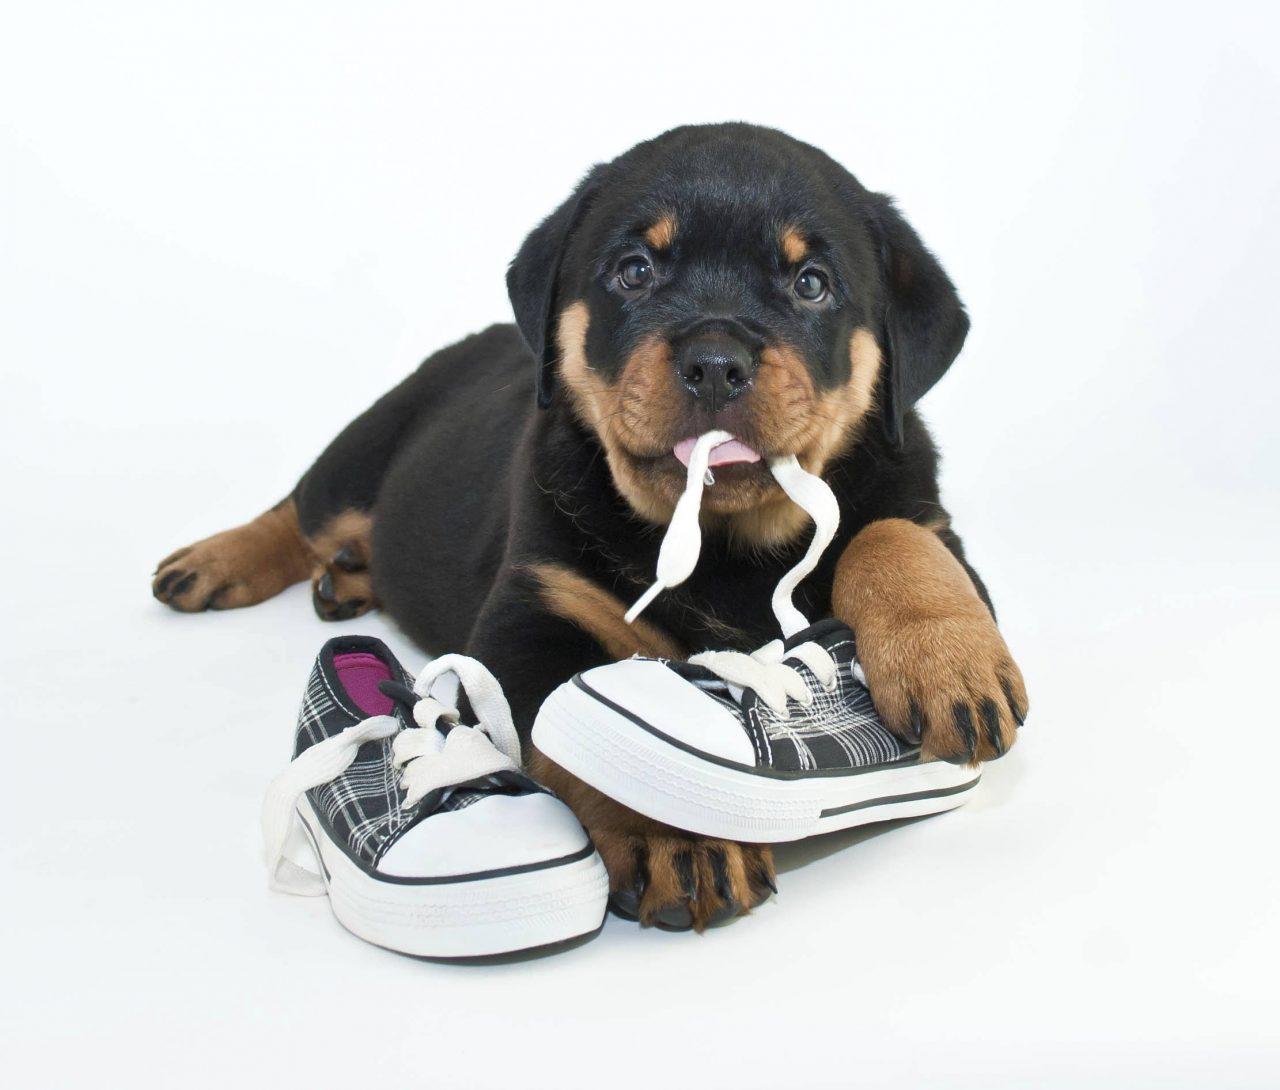 https://hundehelse.no/wp-content/uploads/2020/10/My-Shoes-000047966746_Medium-1280x1090.jpg